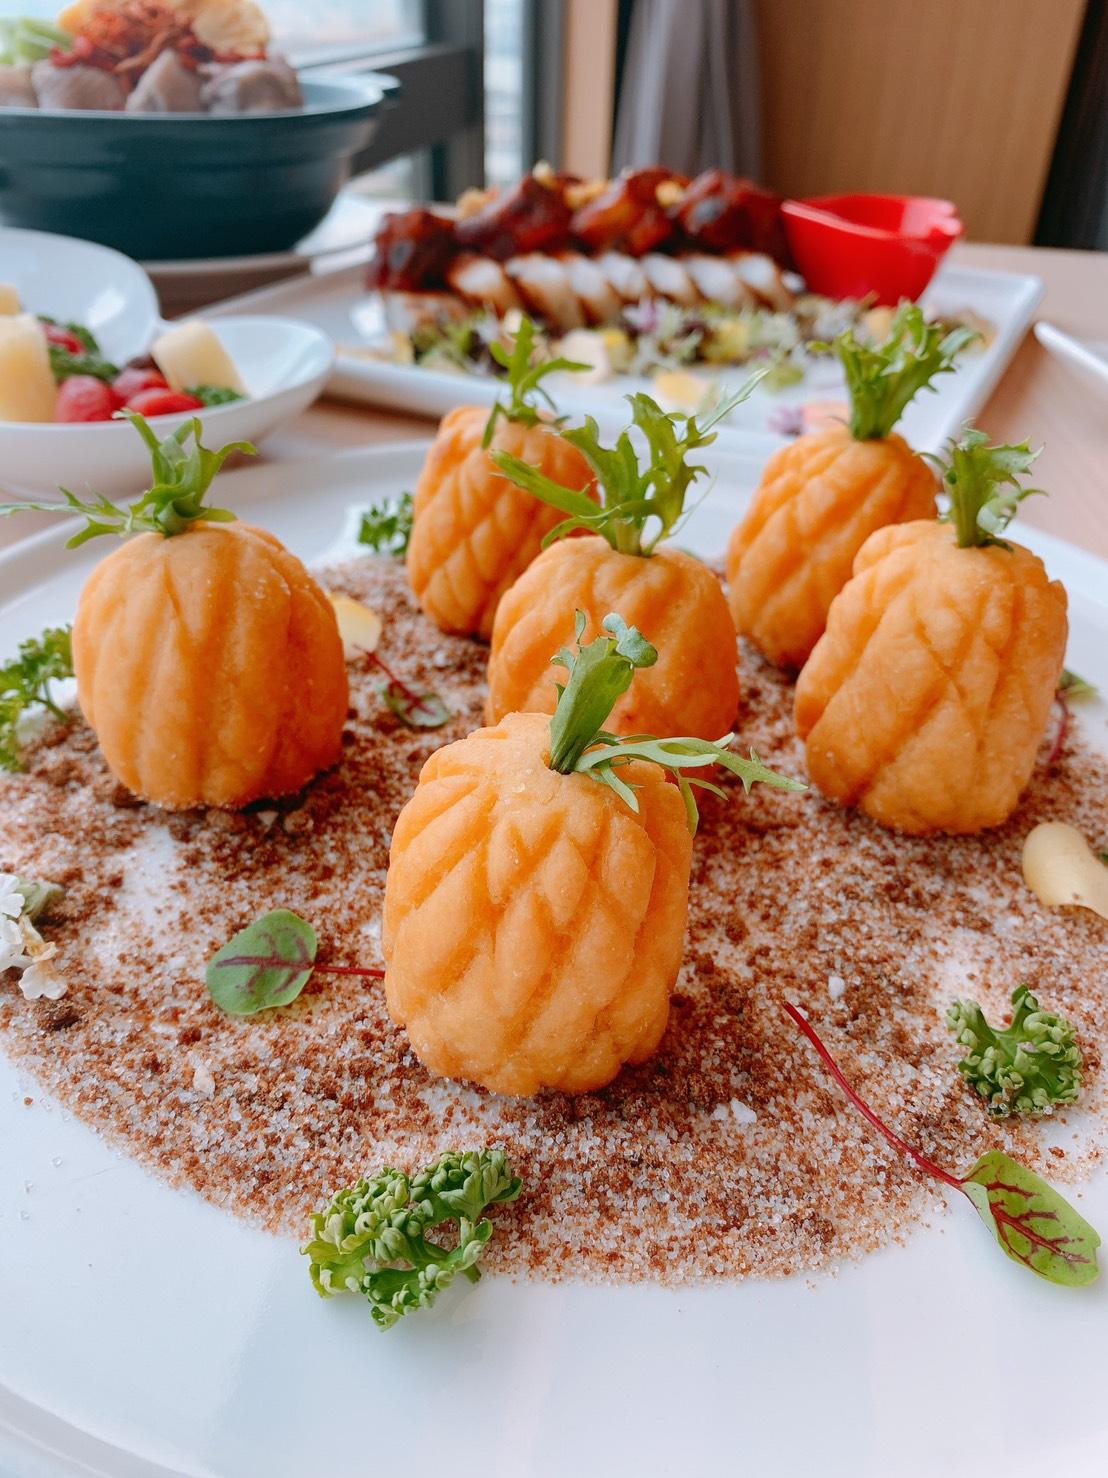 鳳梨宴好運旺起來 飯店大廚巧思將鳳梨入菜